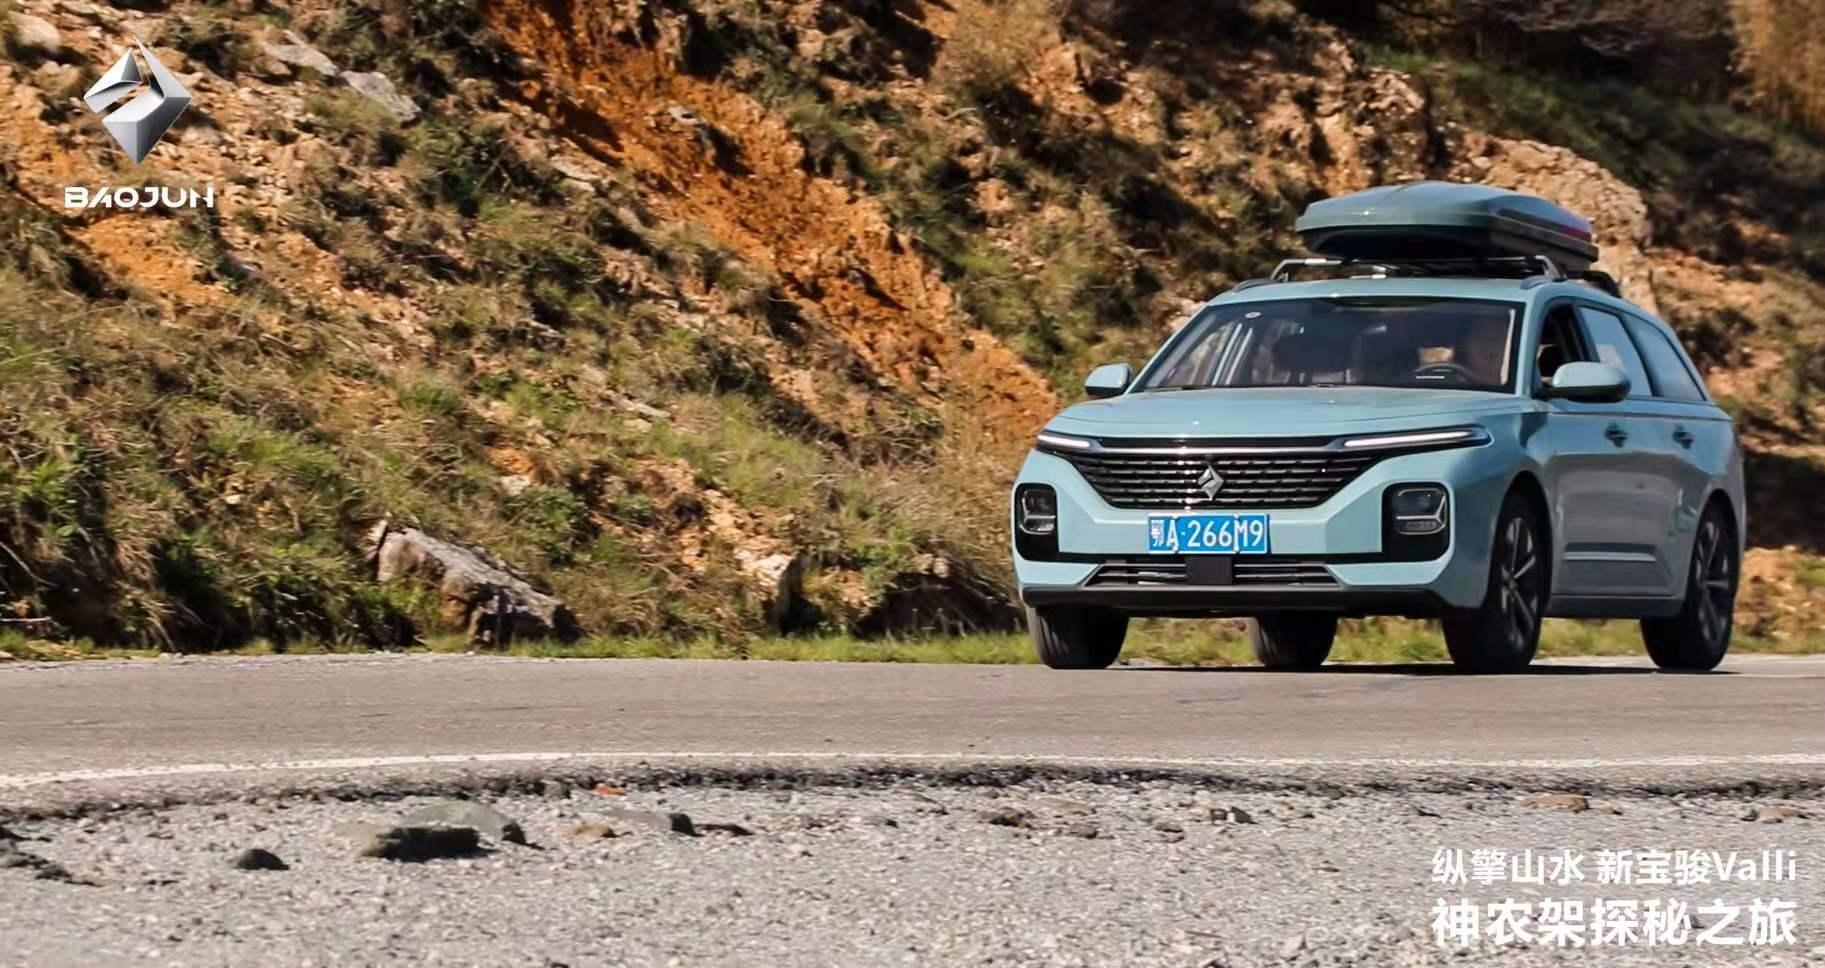 带你玩遍神农架 五月驾驶Valli纵擎山水是种什么样的体验?